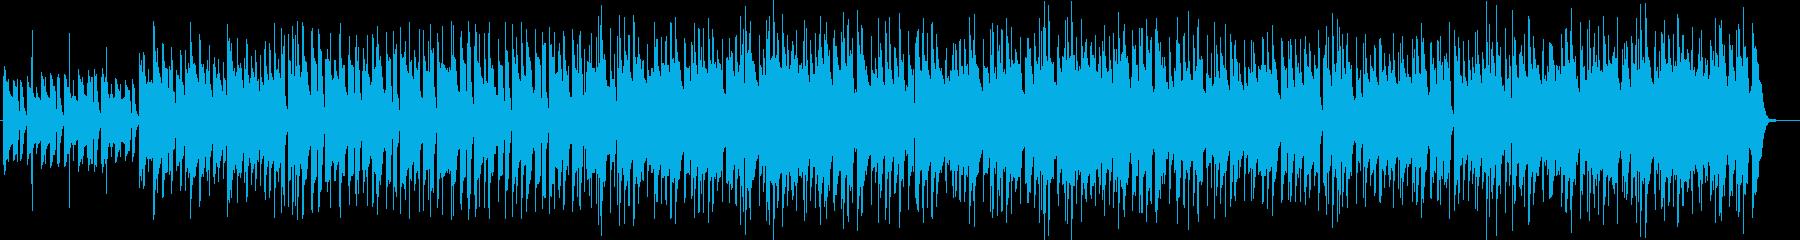 ラフなノリでアンニュイなメロディーの曲の再生済みの波形